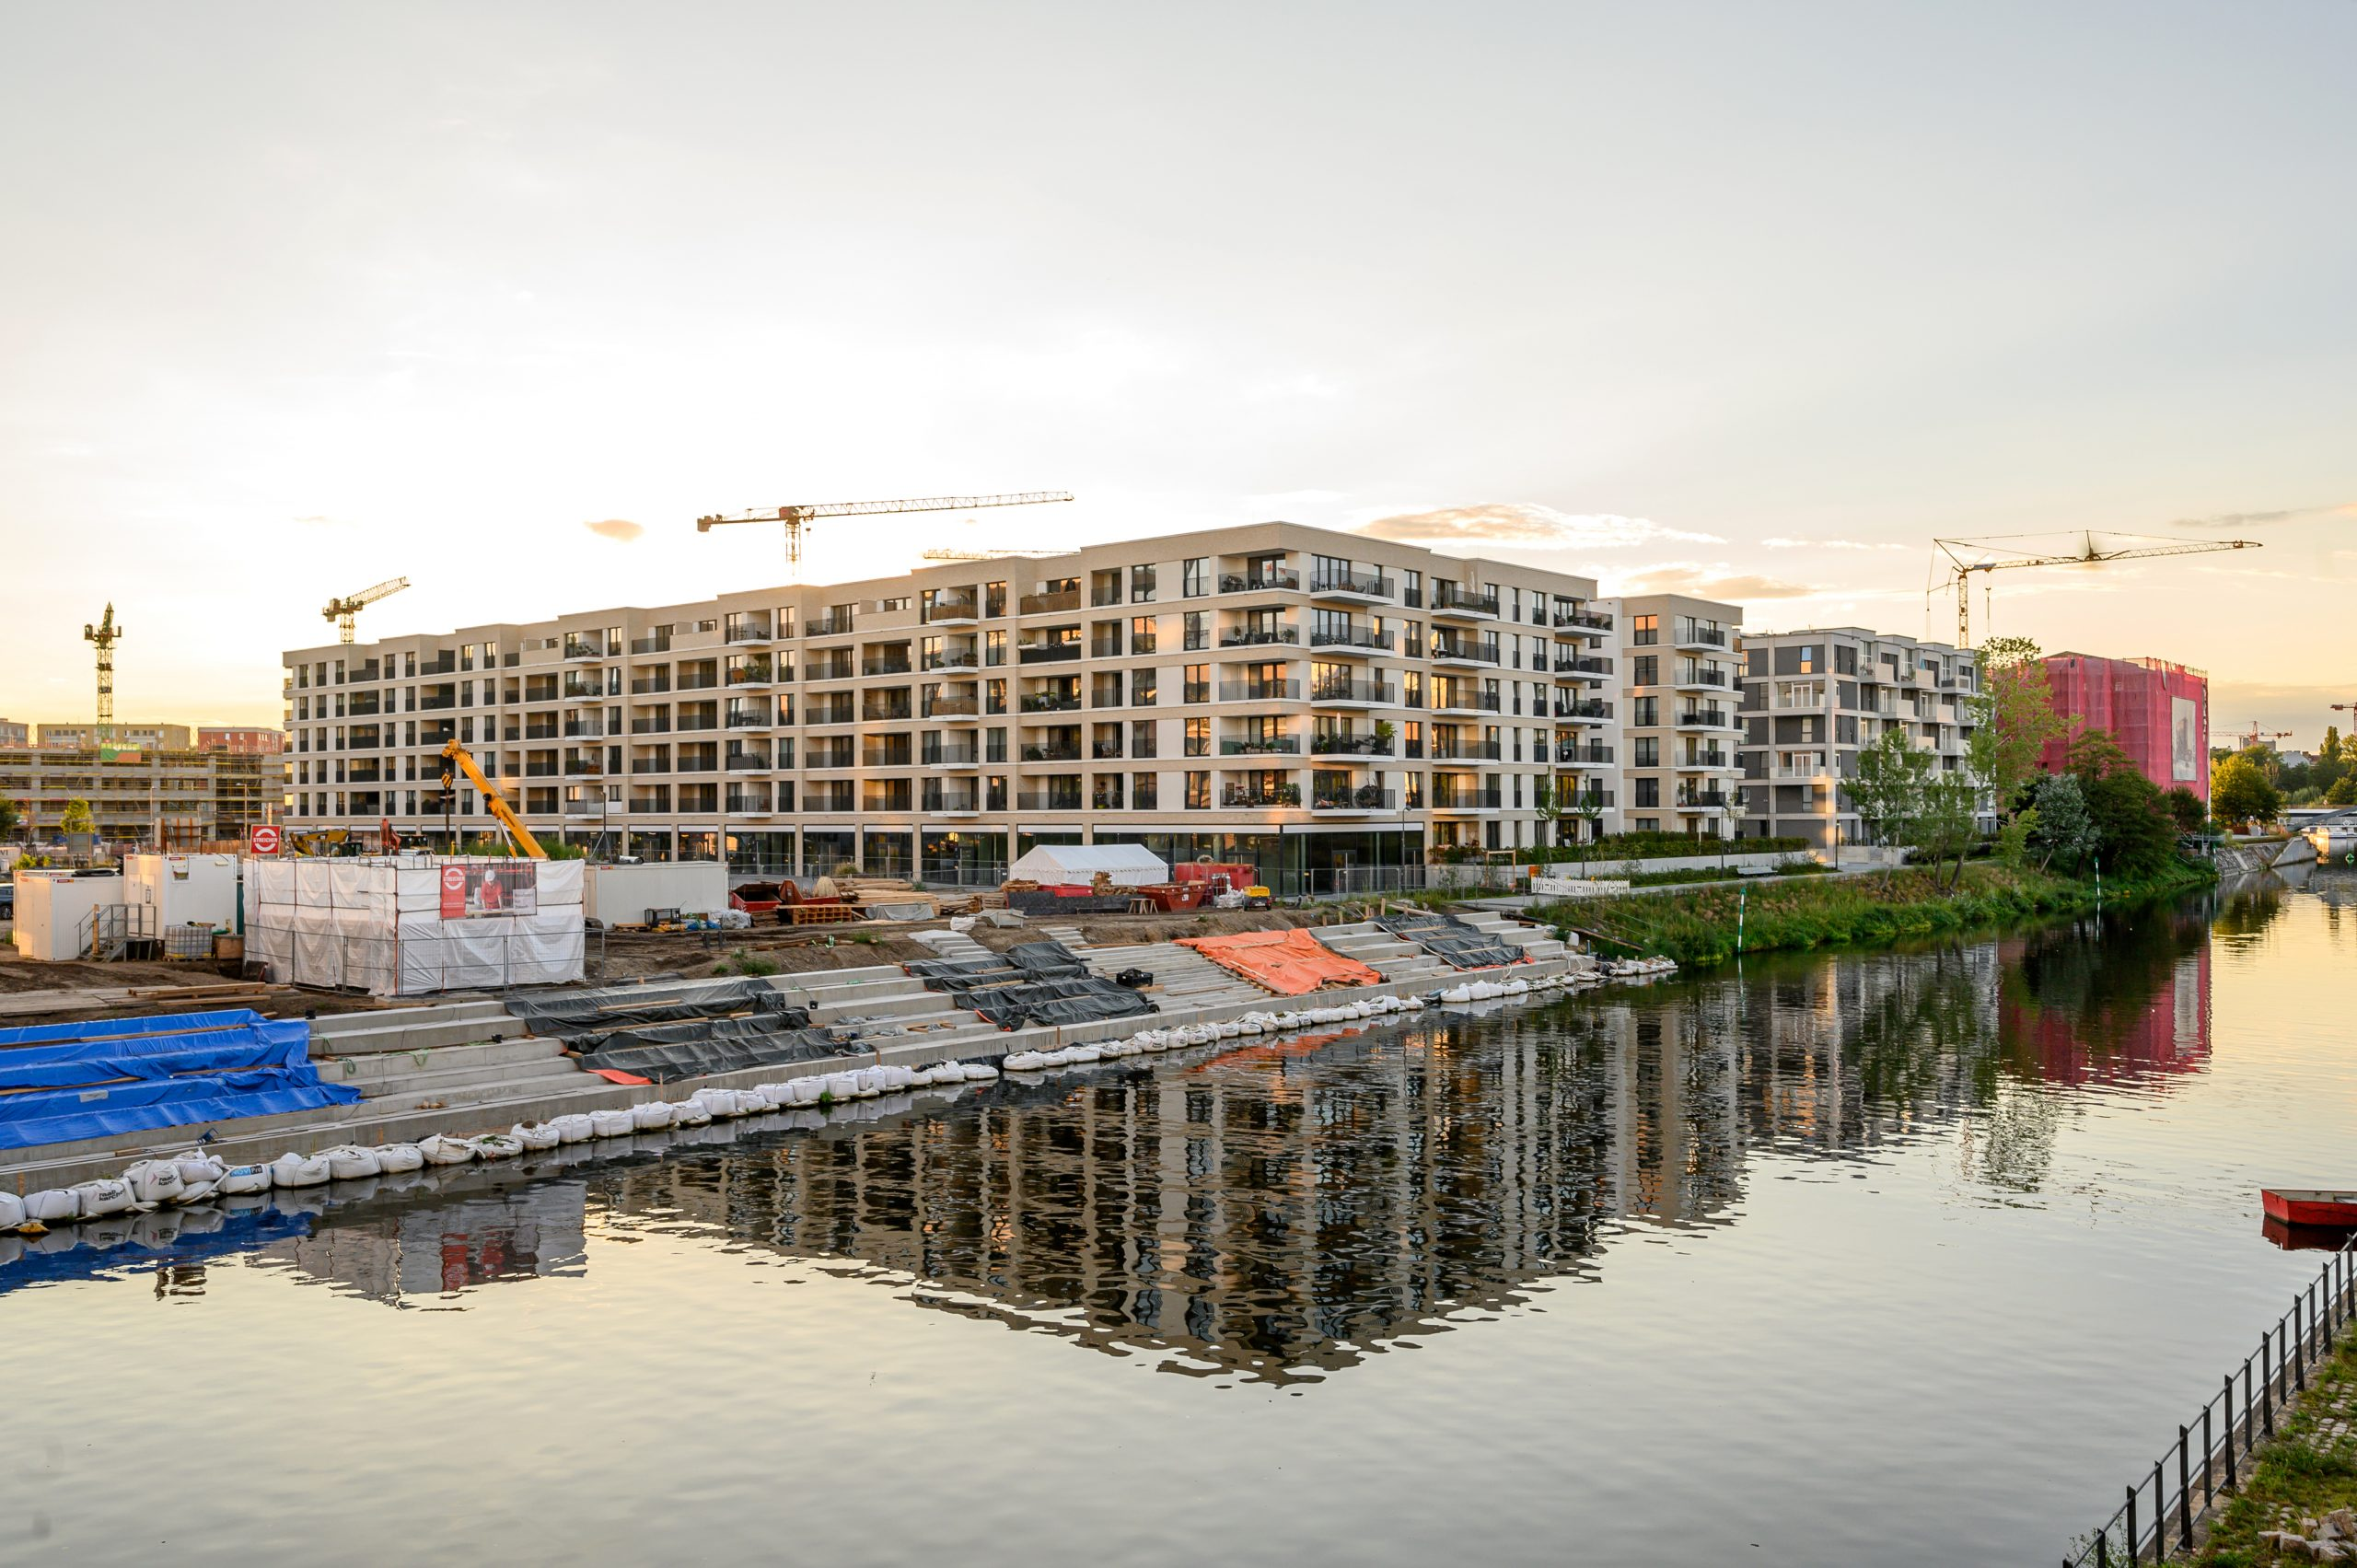 Große Freitreppe, die den Platz zum Wasser hinunter öffnet. Eine neue Verbindung vom Ostufer des Kanals zum Otto-Weidt-Platz (der Golda-Meir-Steg)